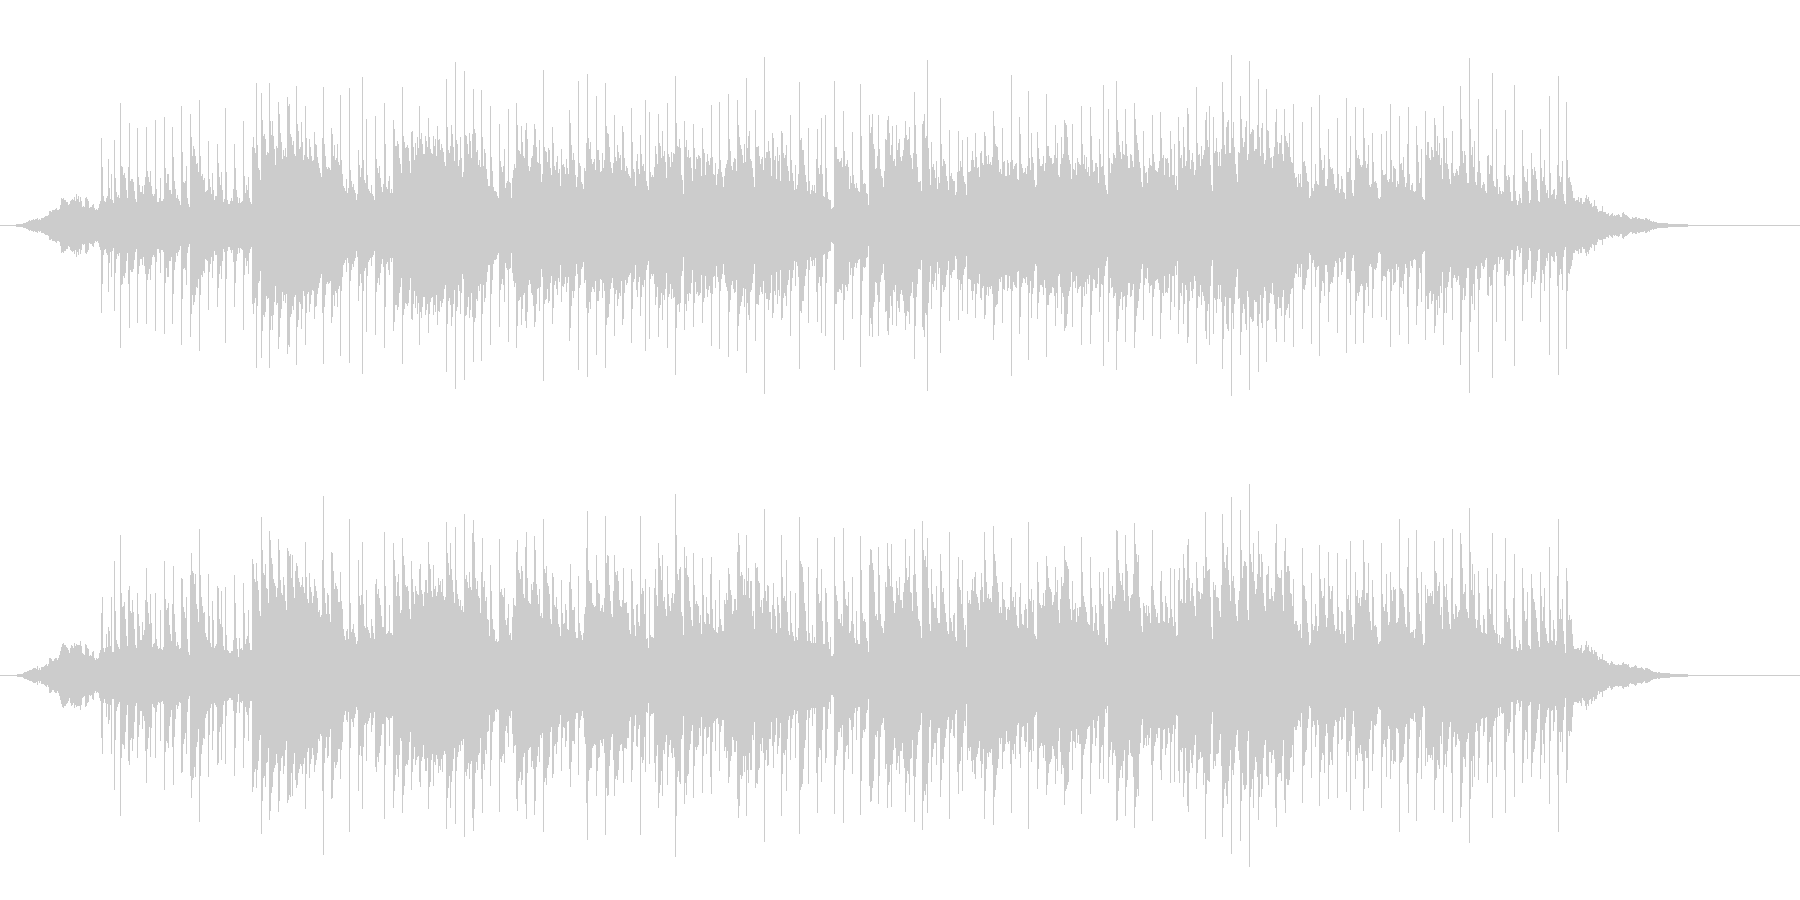 ネオ・ワールド・ミュージック(インド風)の未再生の波形